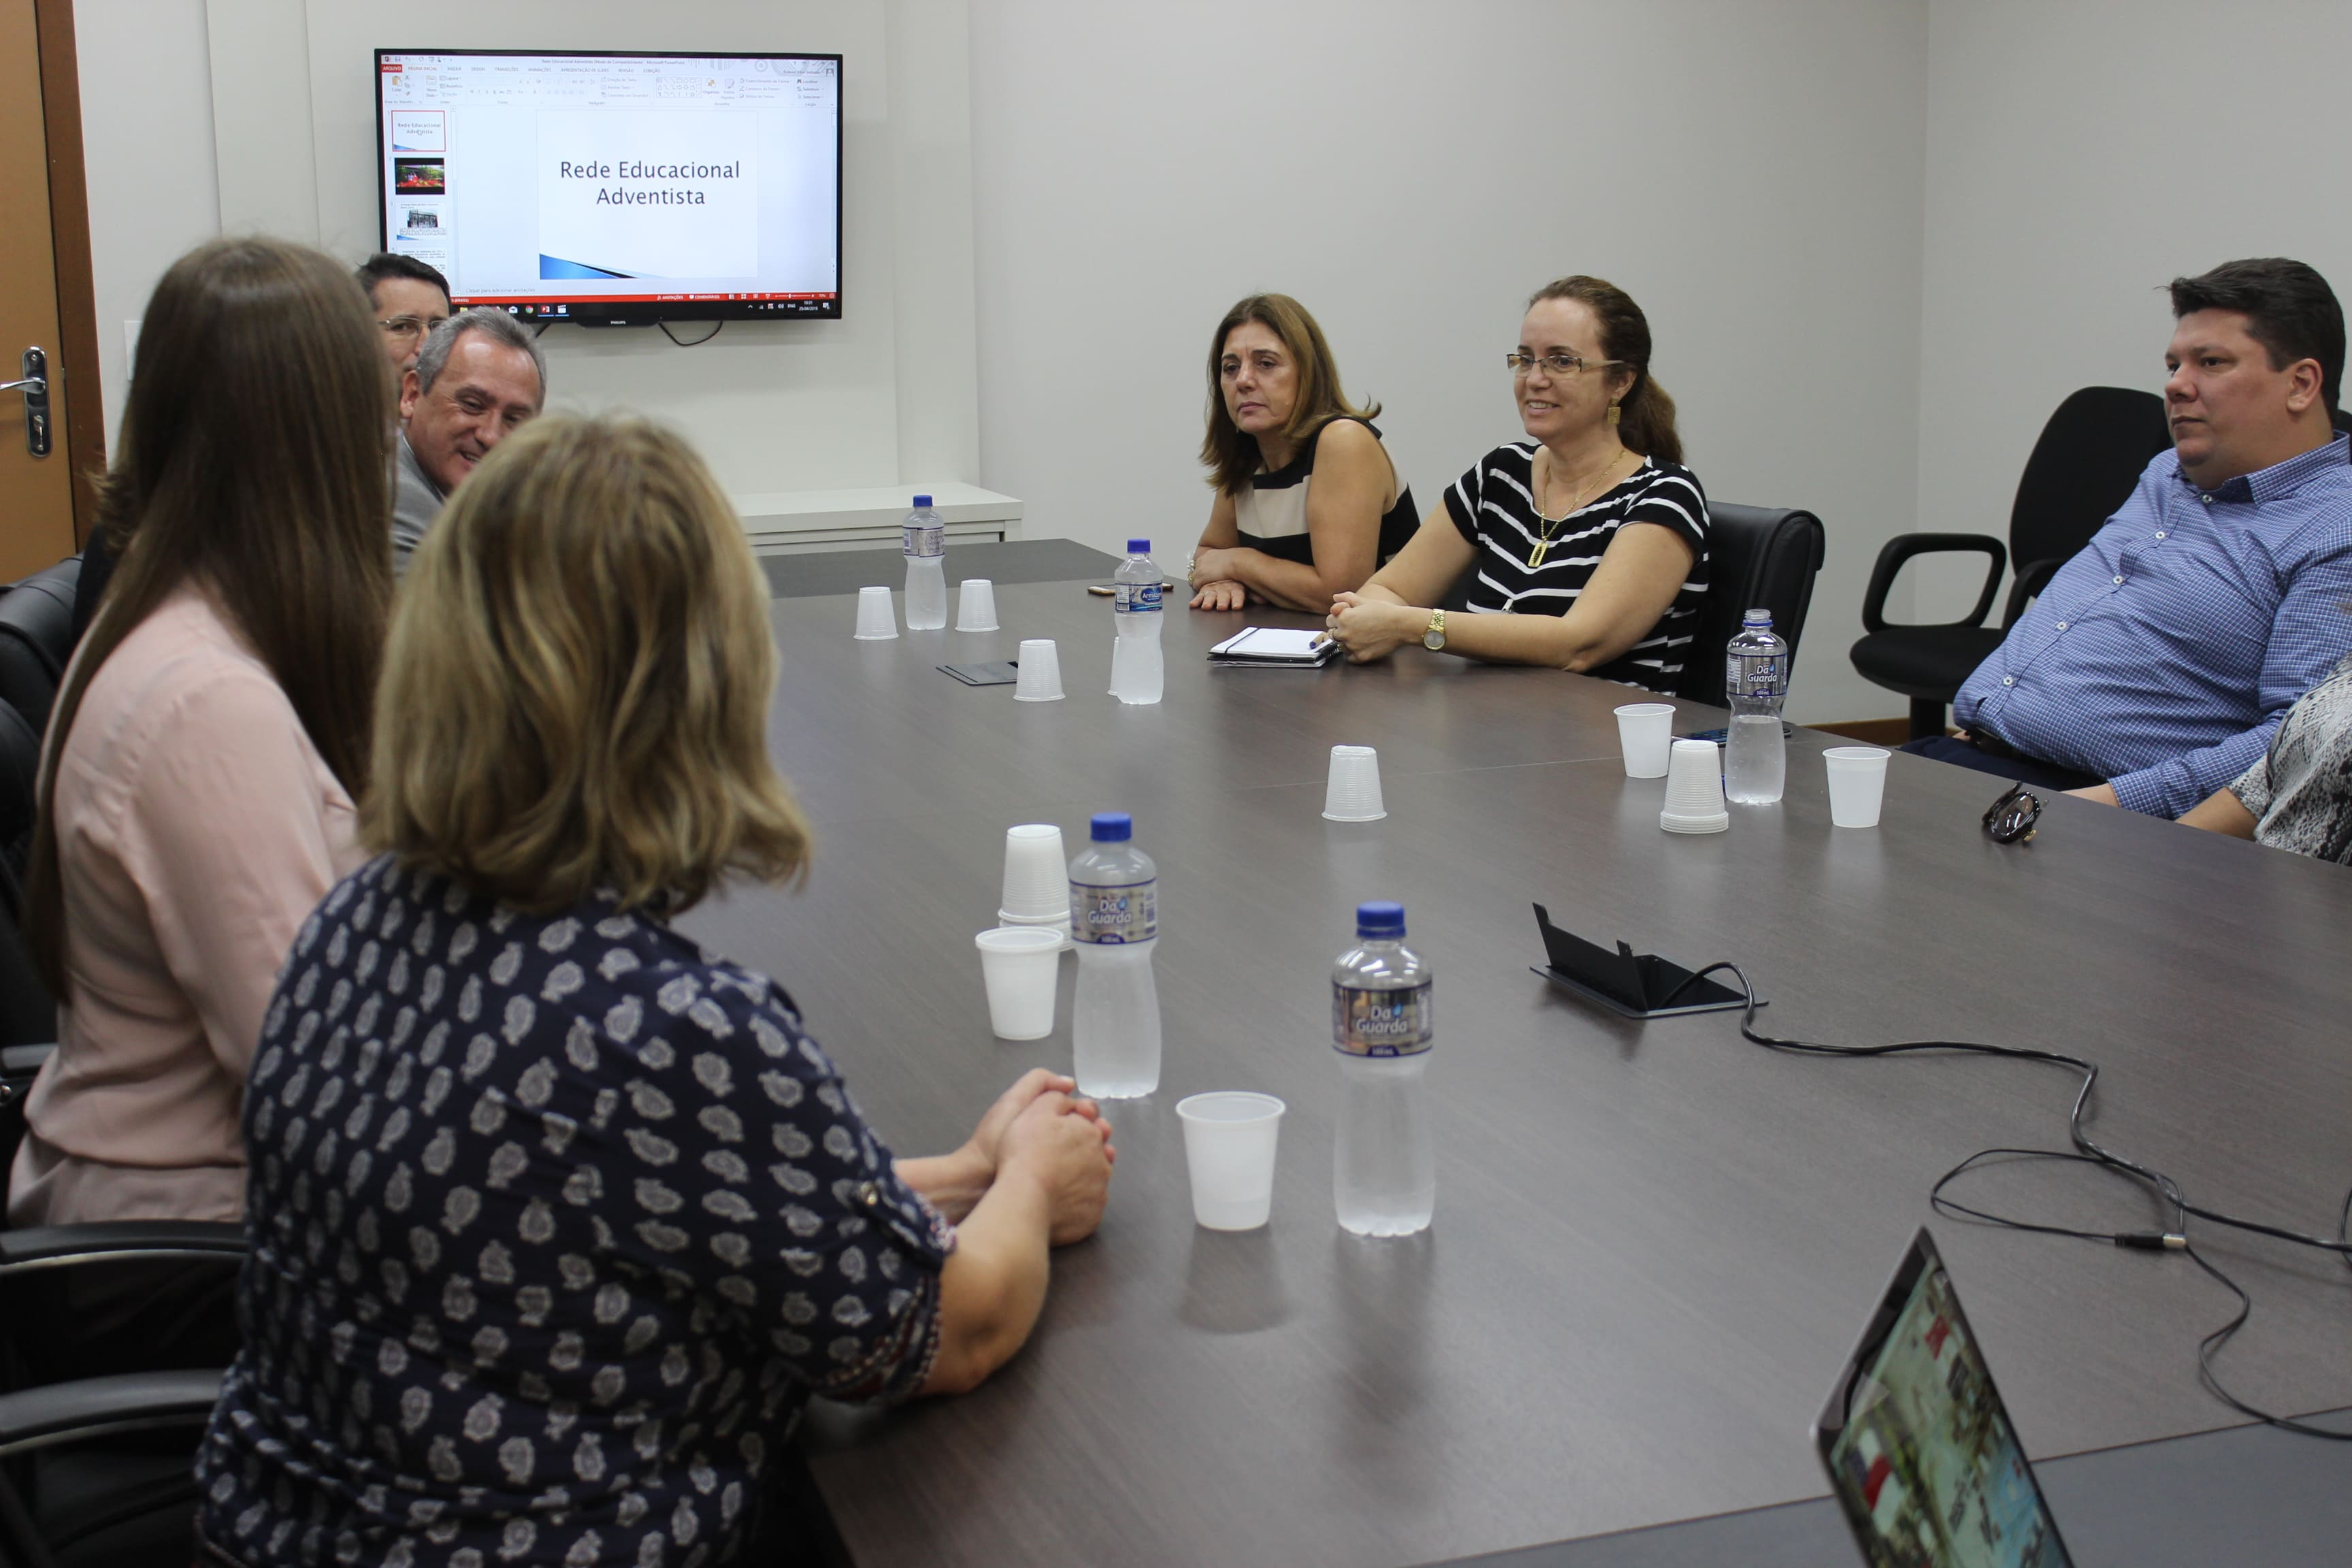 Prefeitura Municipal de Criciúma - Escola Adventista apresenta projeto de nova unidade em Criciúma